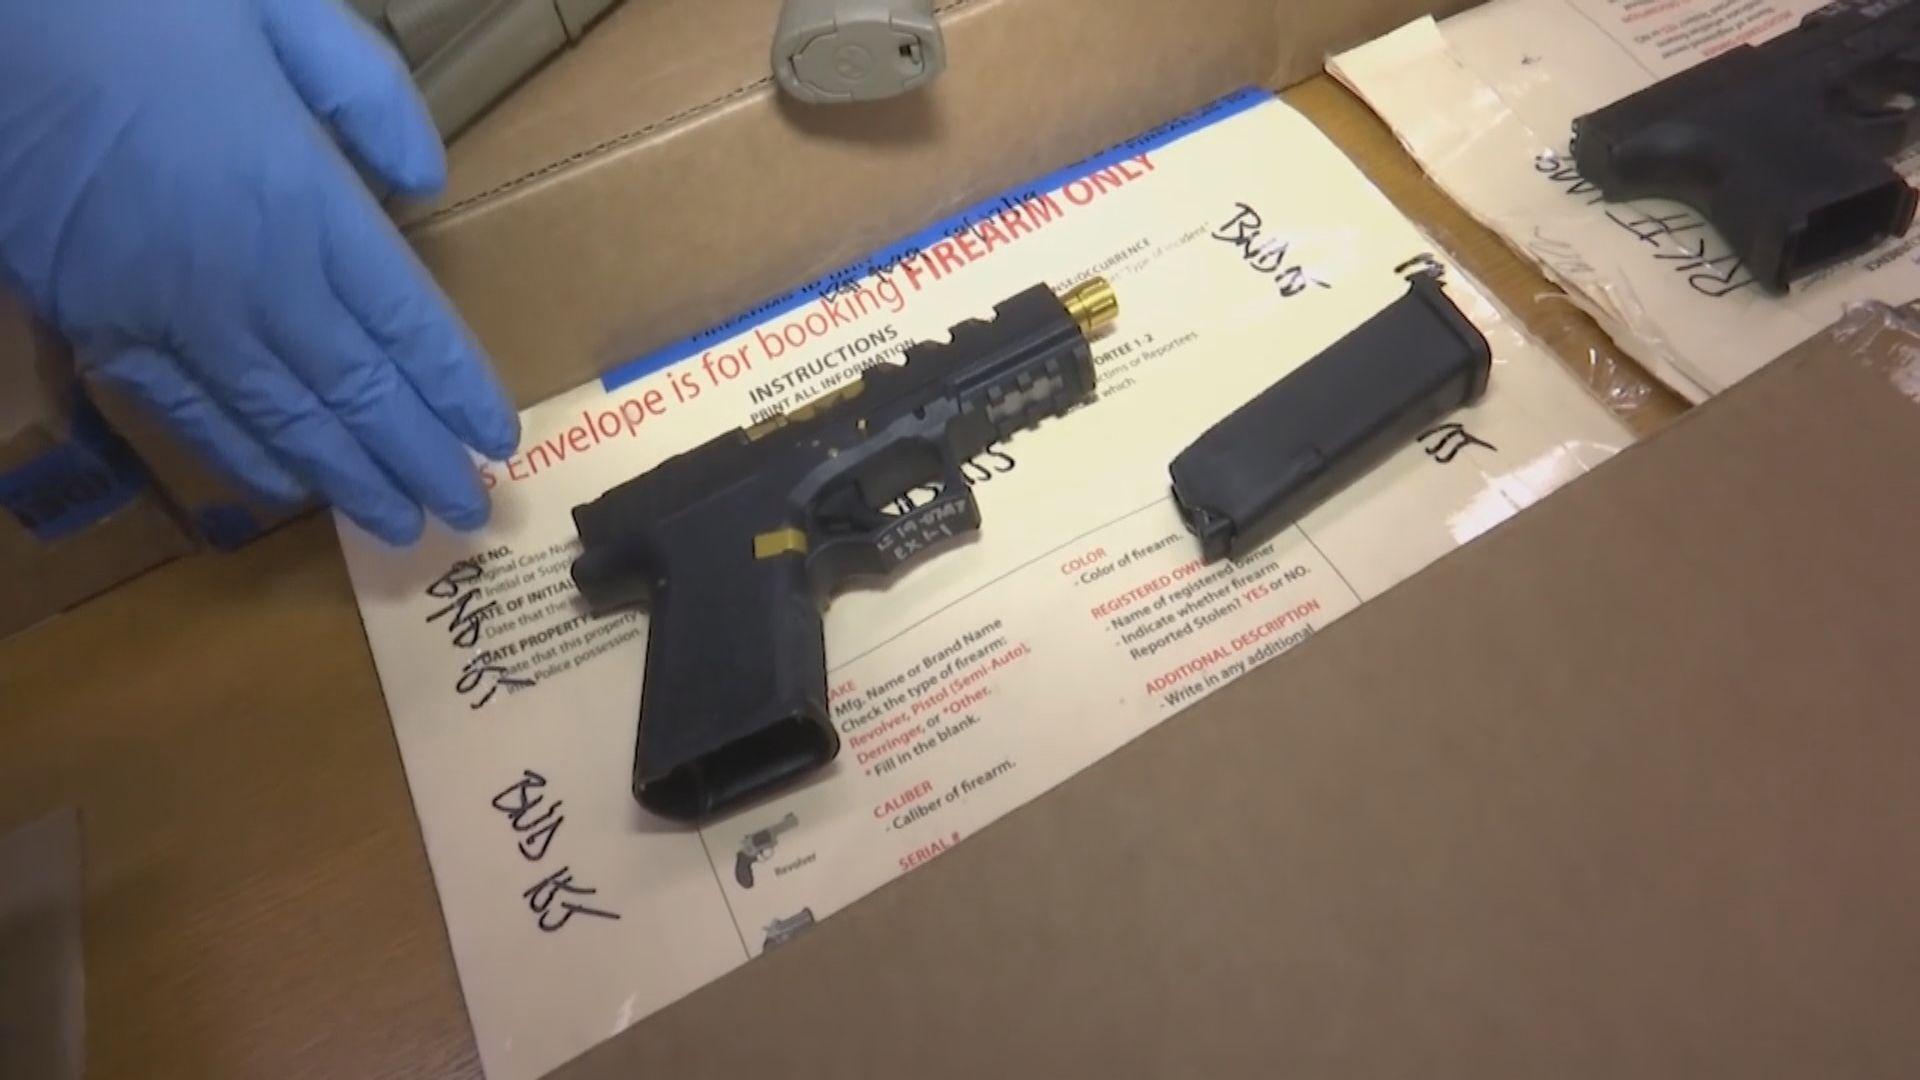 拜登頒布槍管行政命令 指槍械暴力令美國在國際上難堪